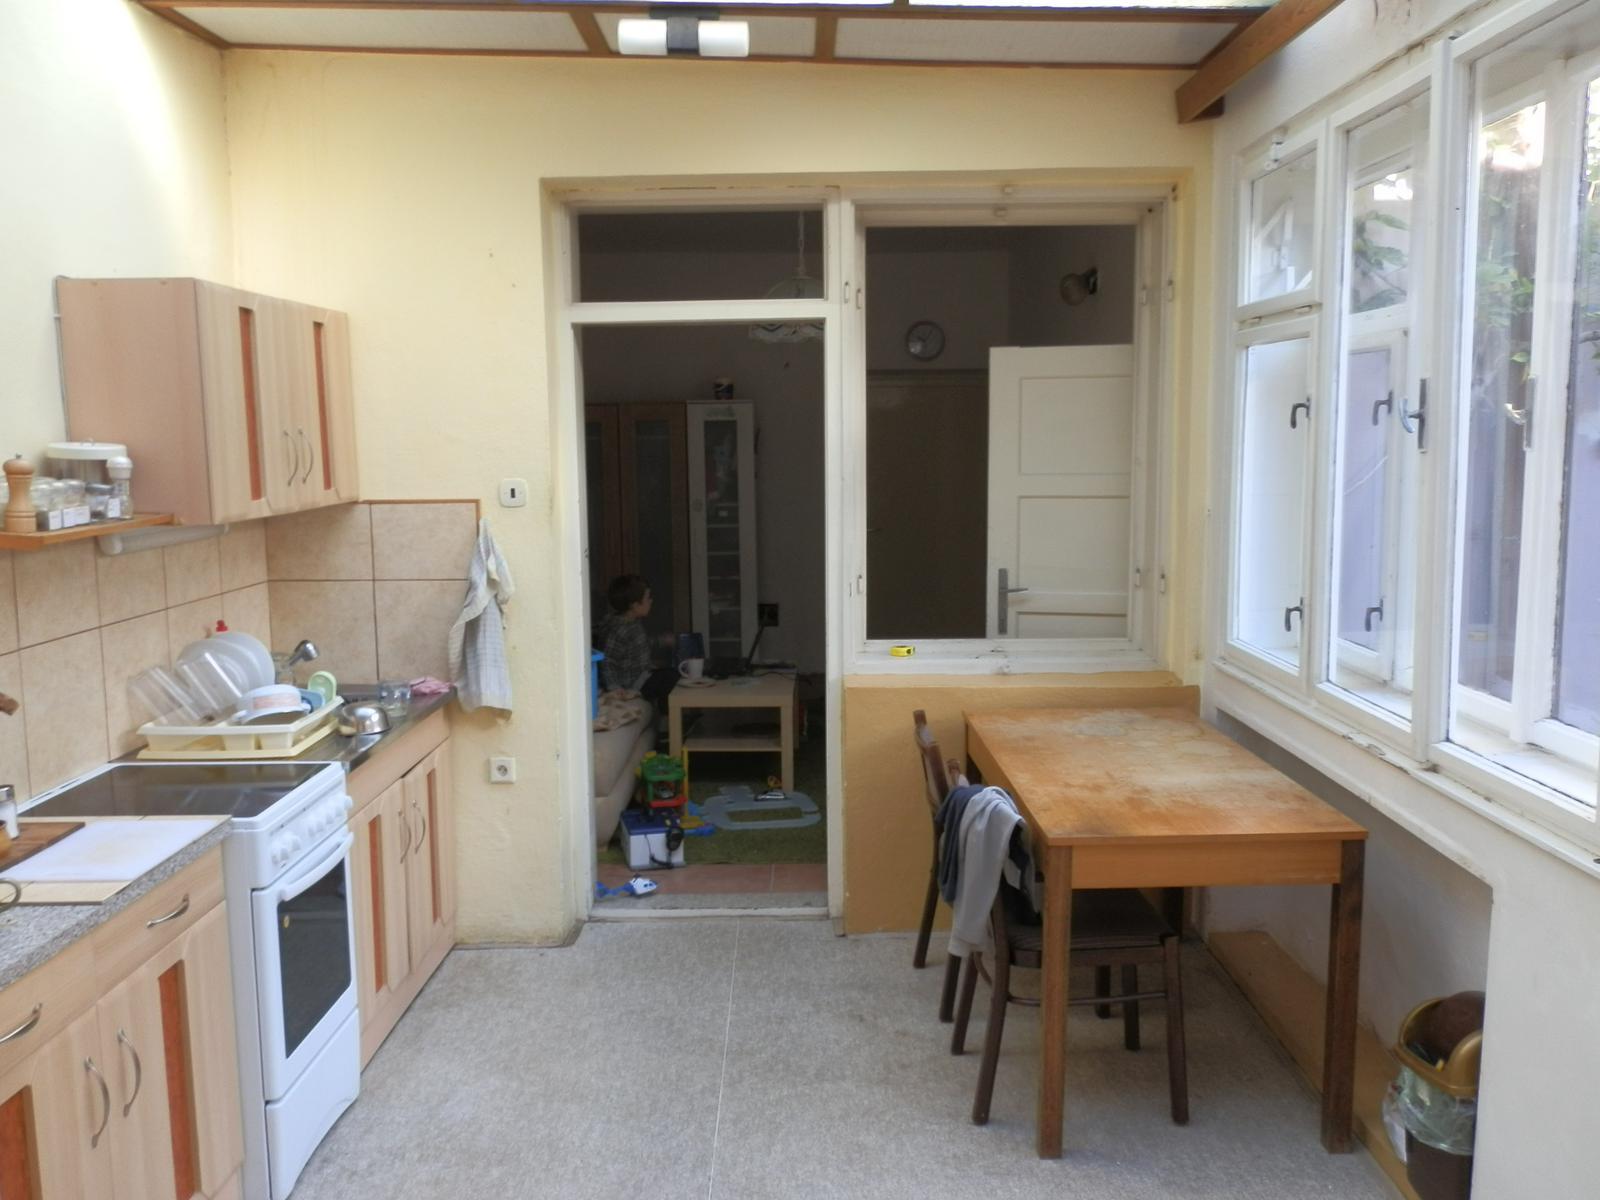 Náš byt v domě- rekonstrukce - dřívější ukončení domu, mezi kuchyní a obývákem...vybourat a udělat bar na kávovar:)